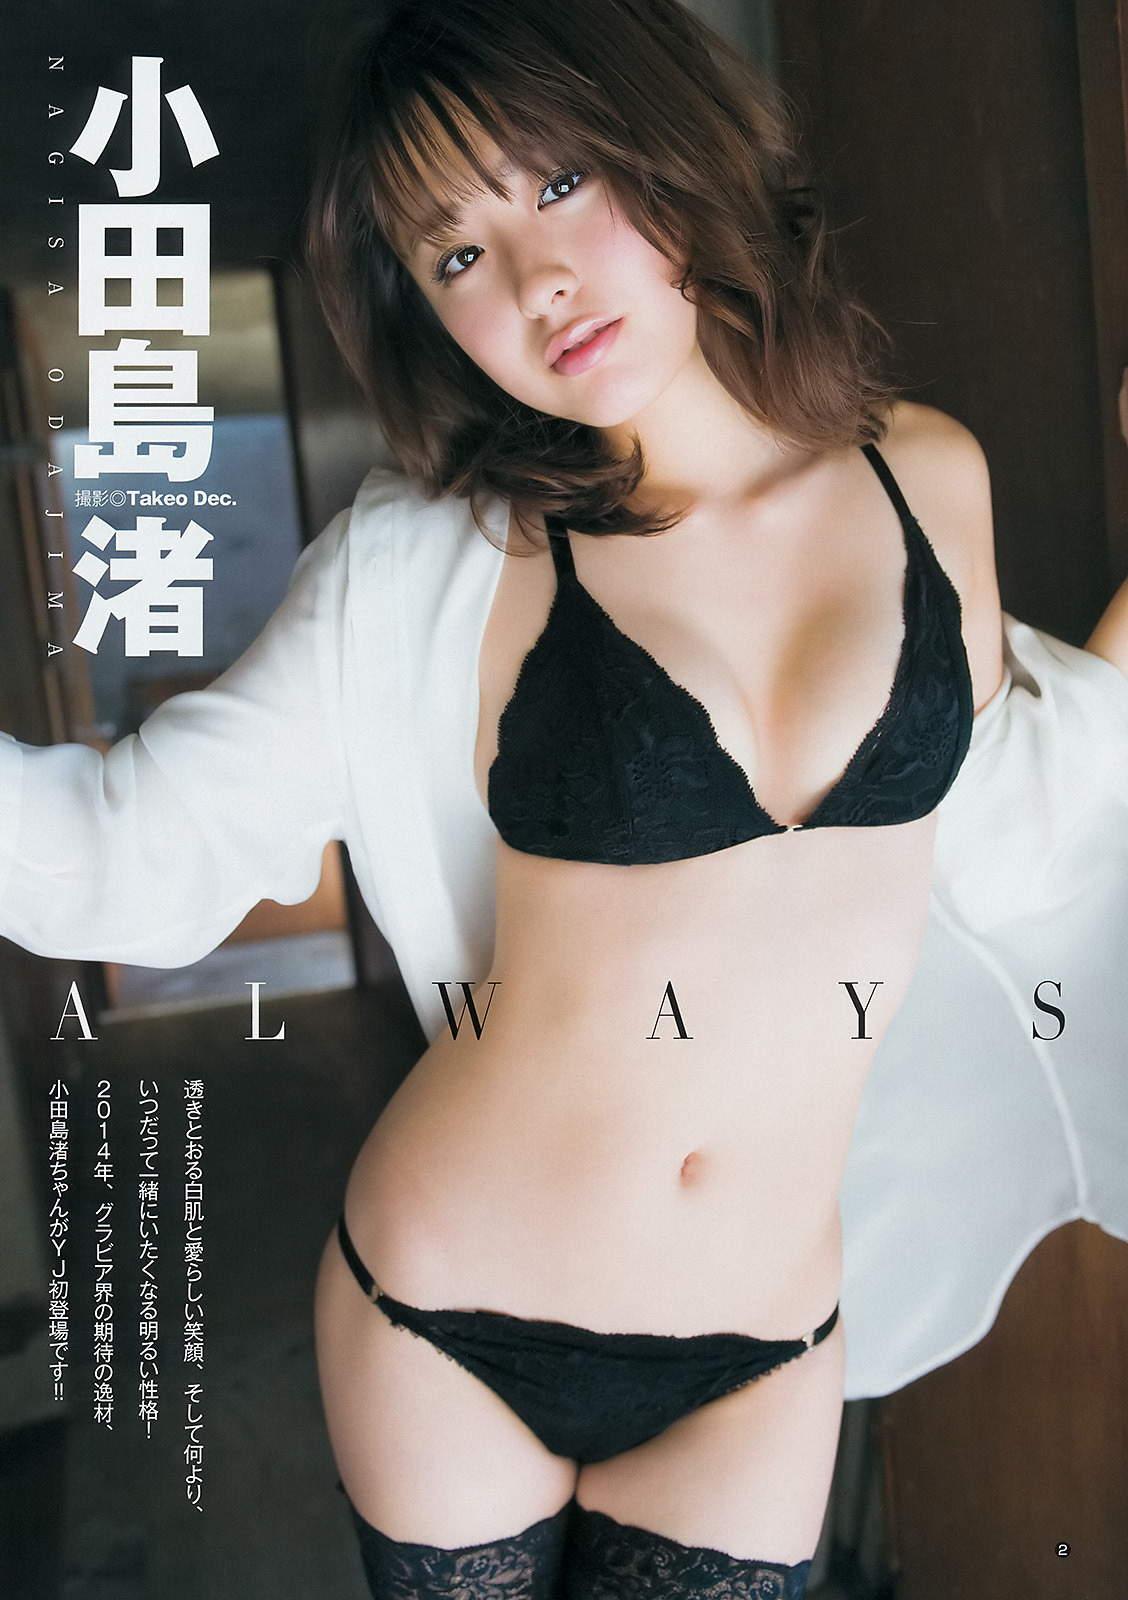 小田島渚とかいうグラドルが可愛いし美人でもっとグラビアがみたい(〃ω〃)モェ!!ww×11P 表紙